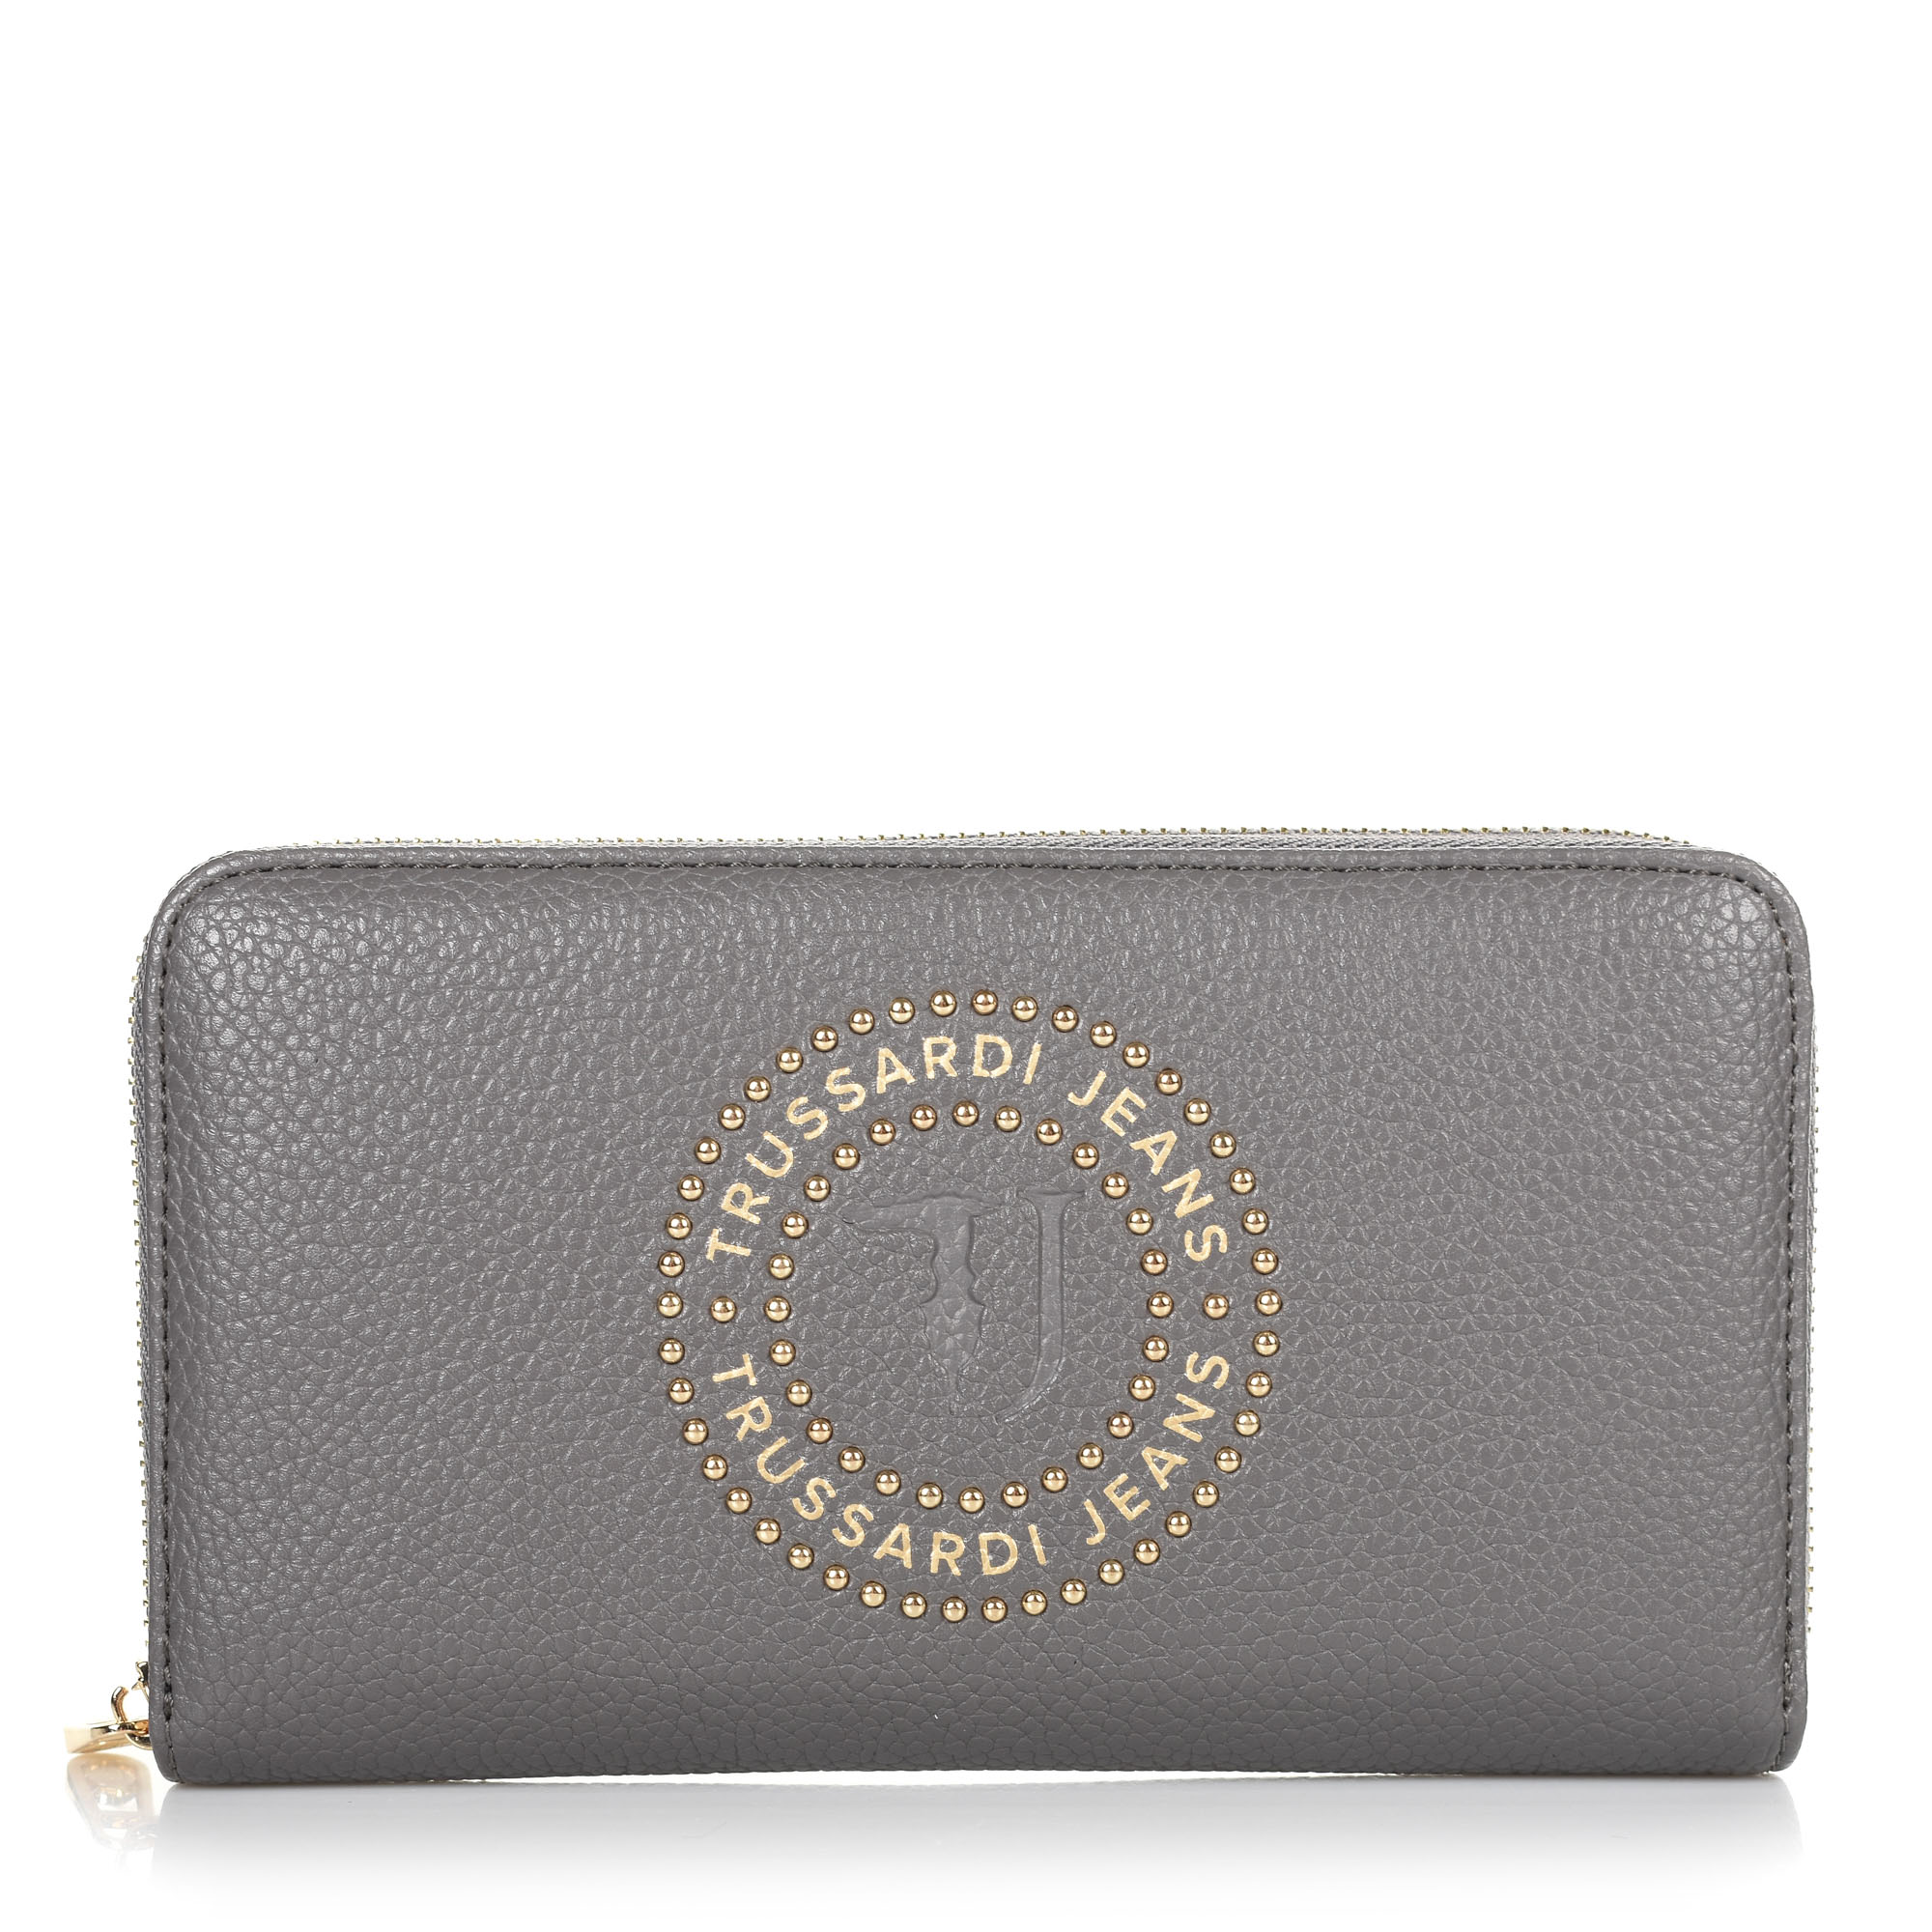 Πορτοφόλι Κασετίνα Trussardi Jeans Happer Zip 3 Pocket LG 75W00209